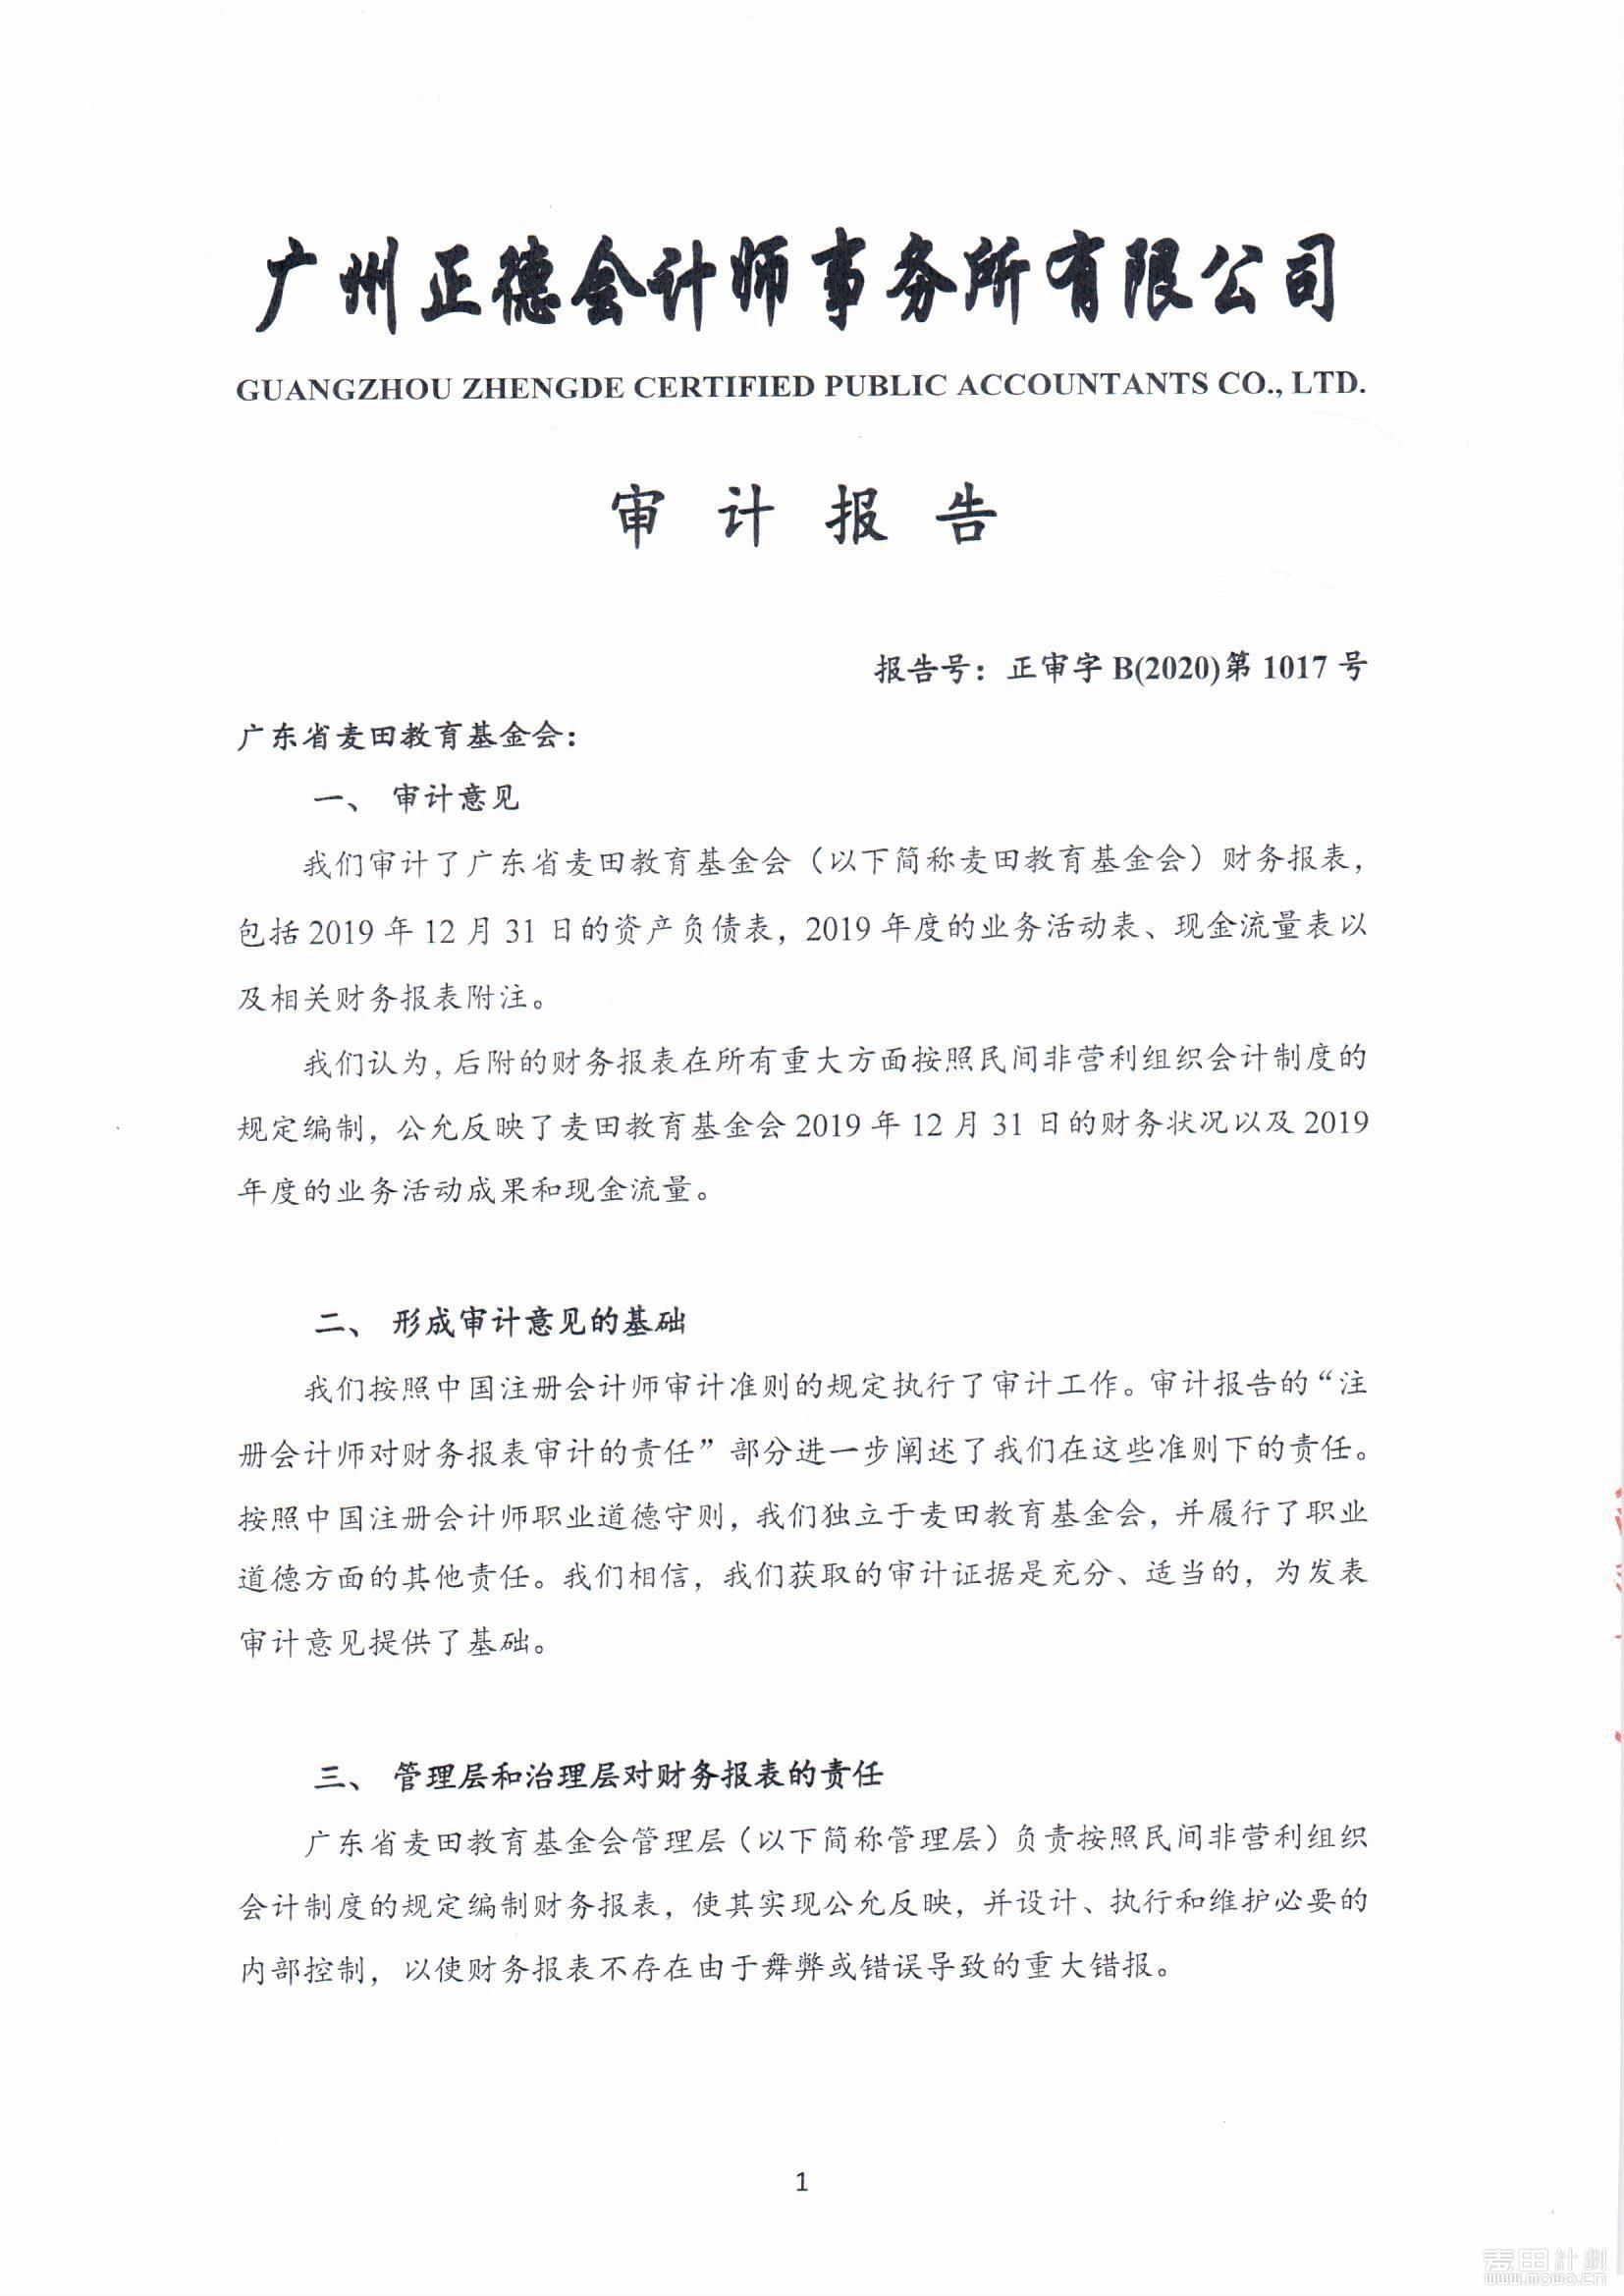 麦田教育基金会2019年度审计报告_页面_03.jpg